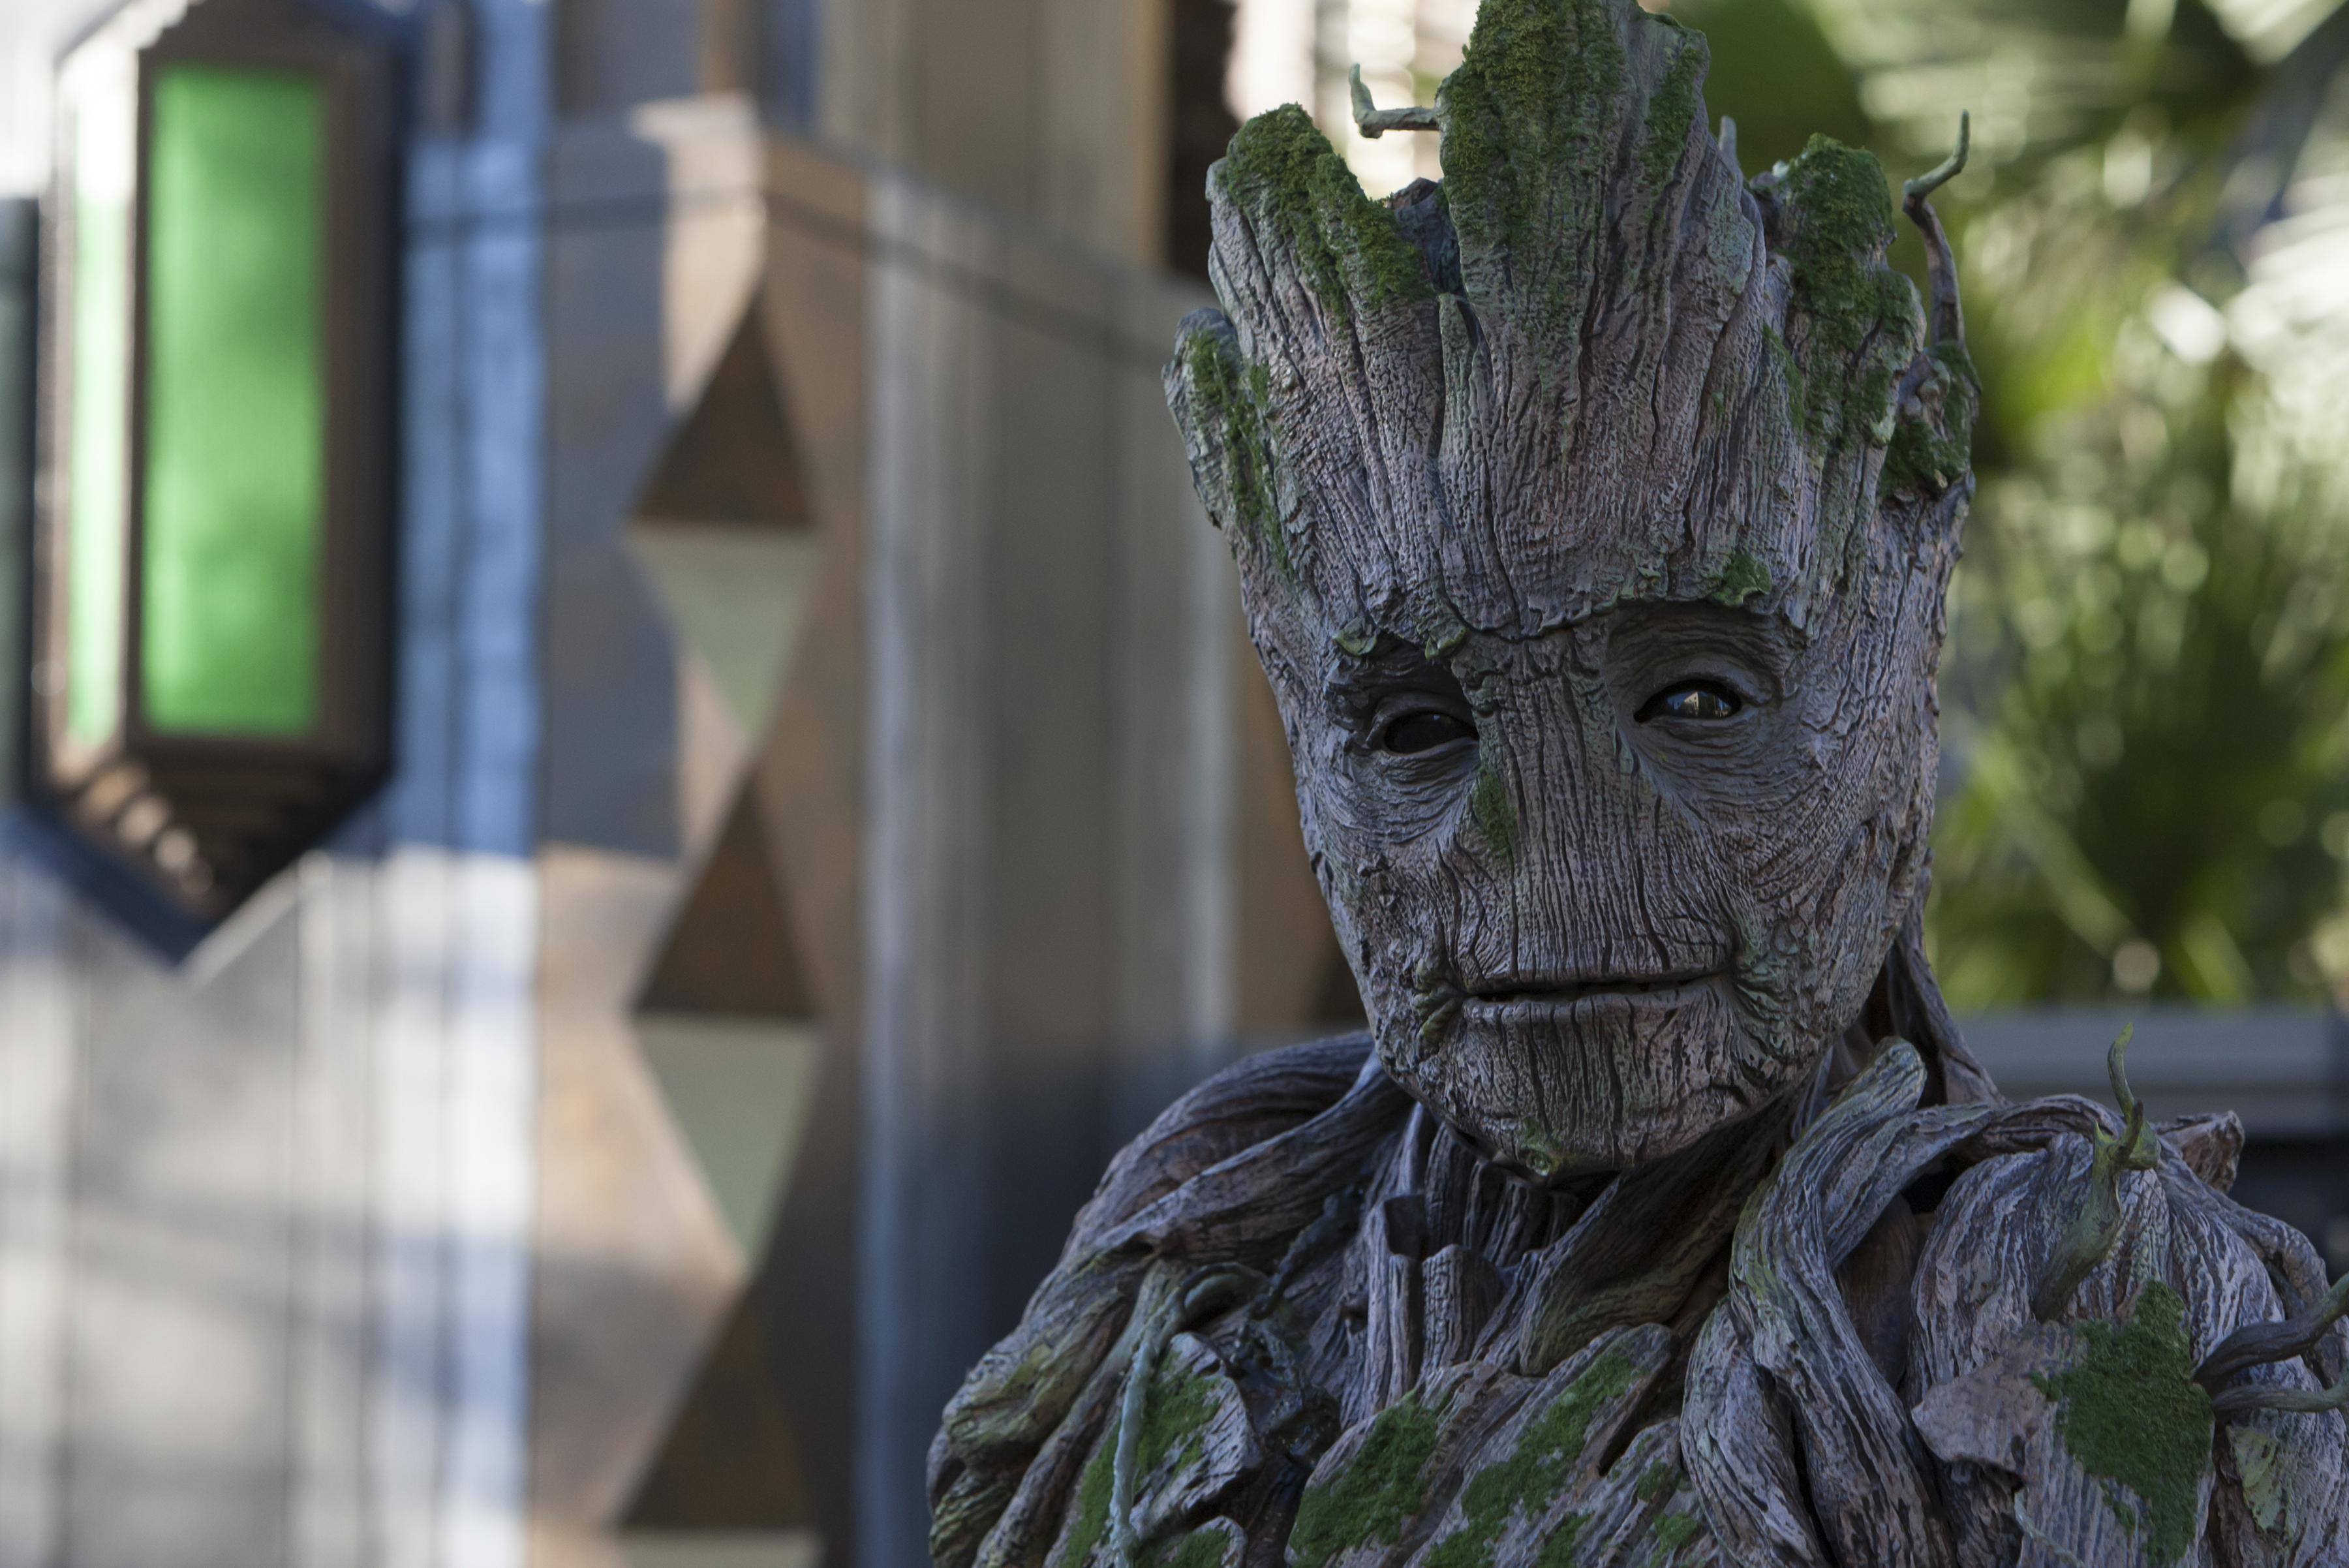 Meet Groot